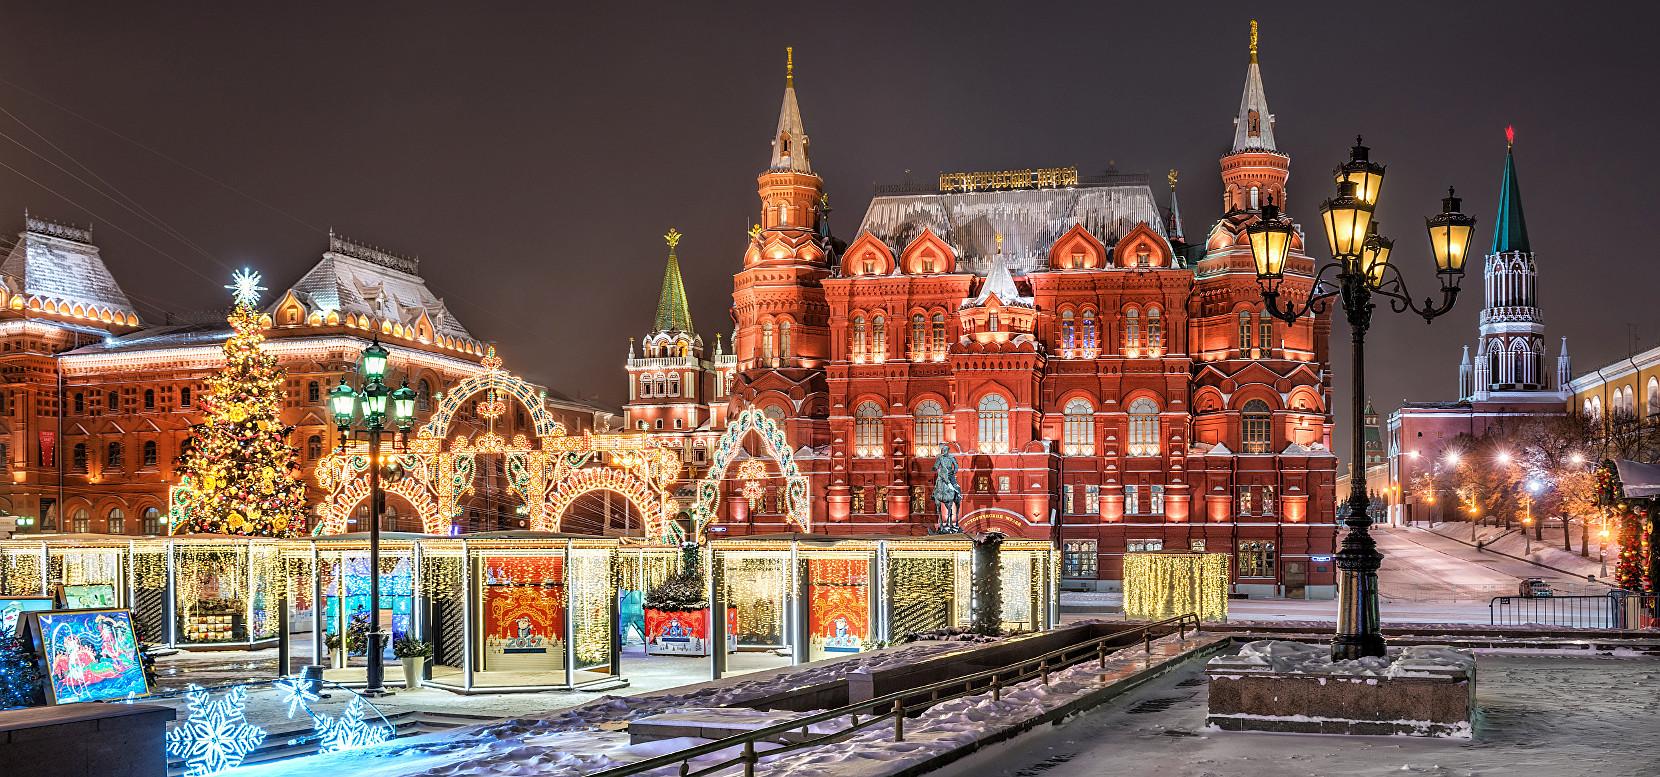 Москва попала в топ-10 городов мира (Для путешествий в рождество)